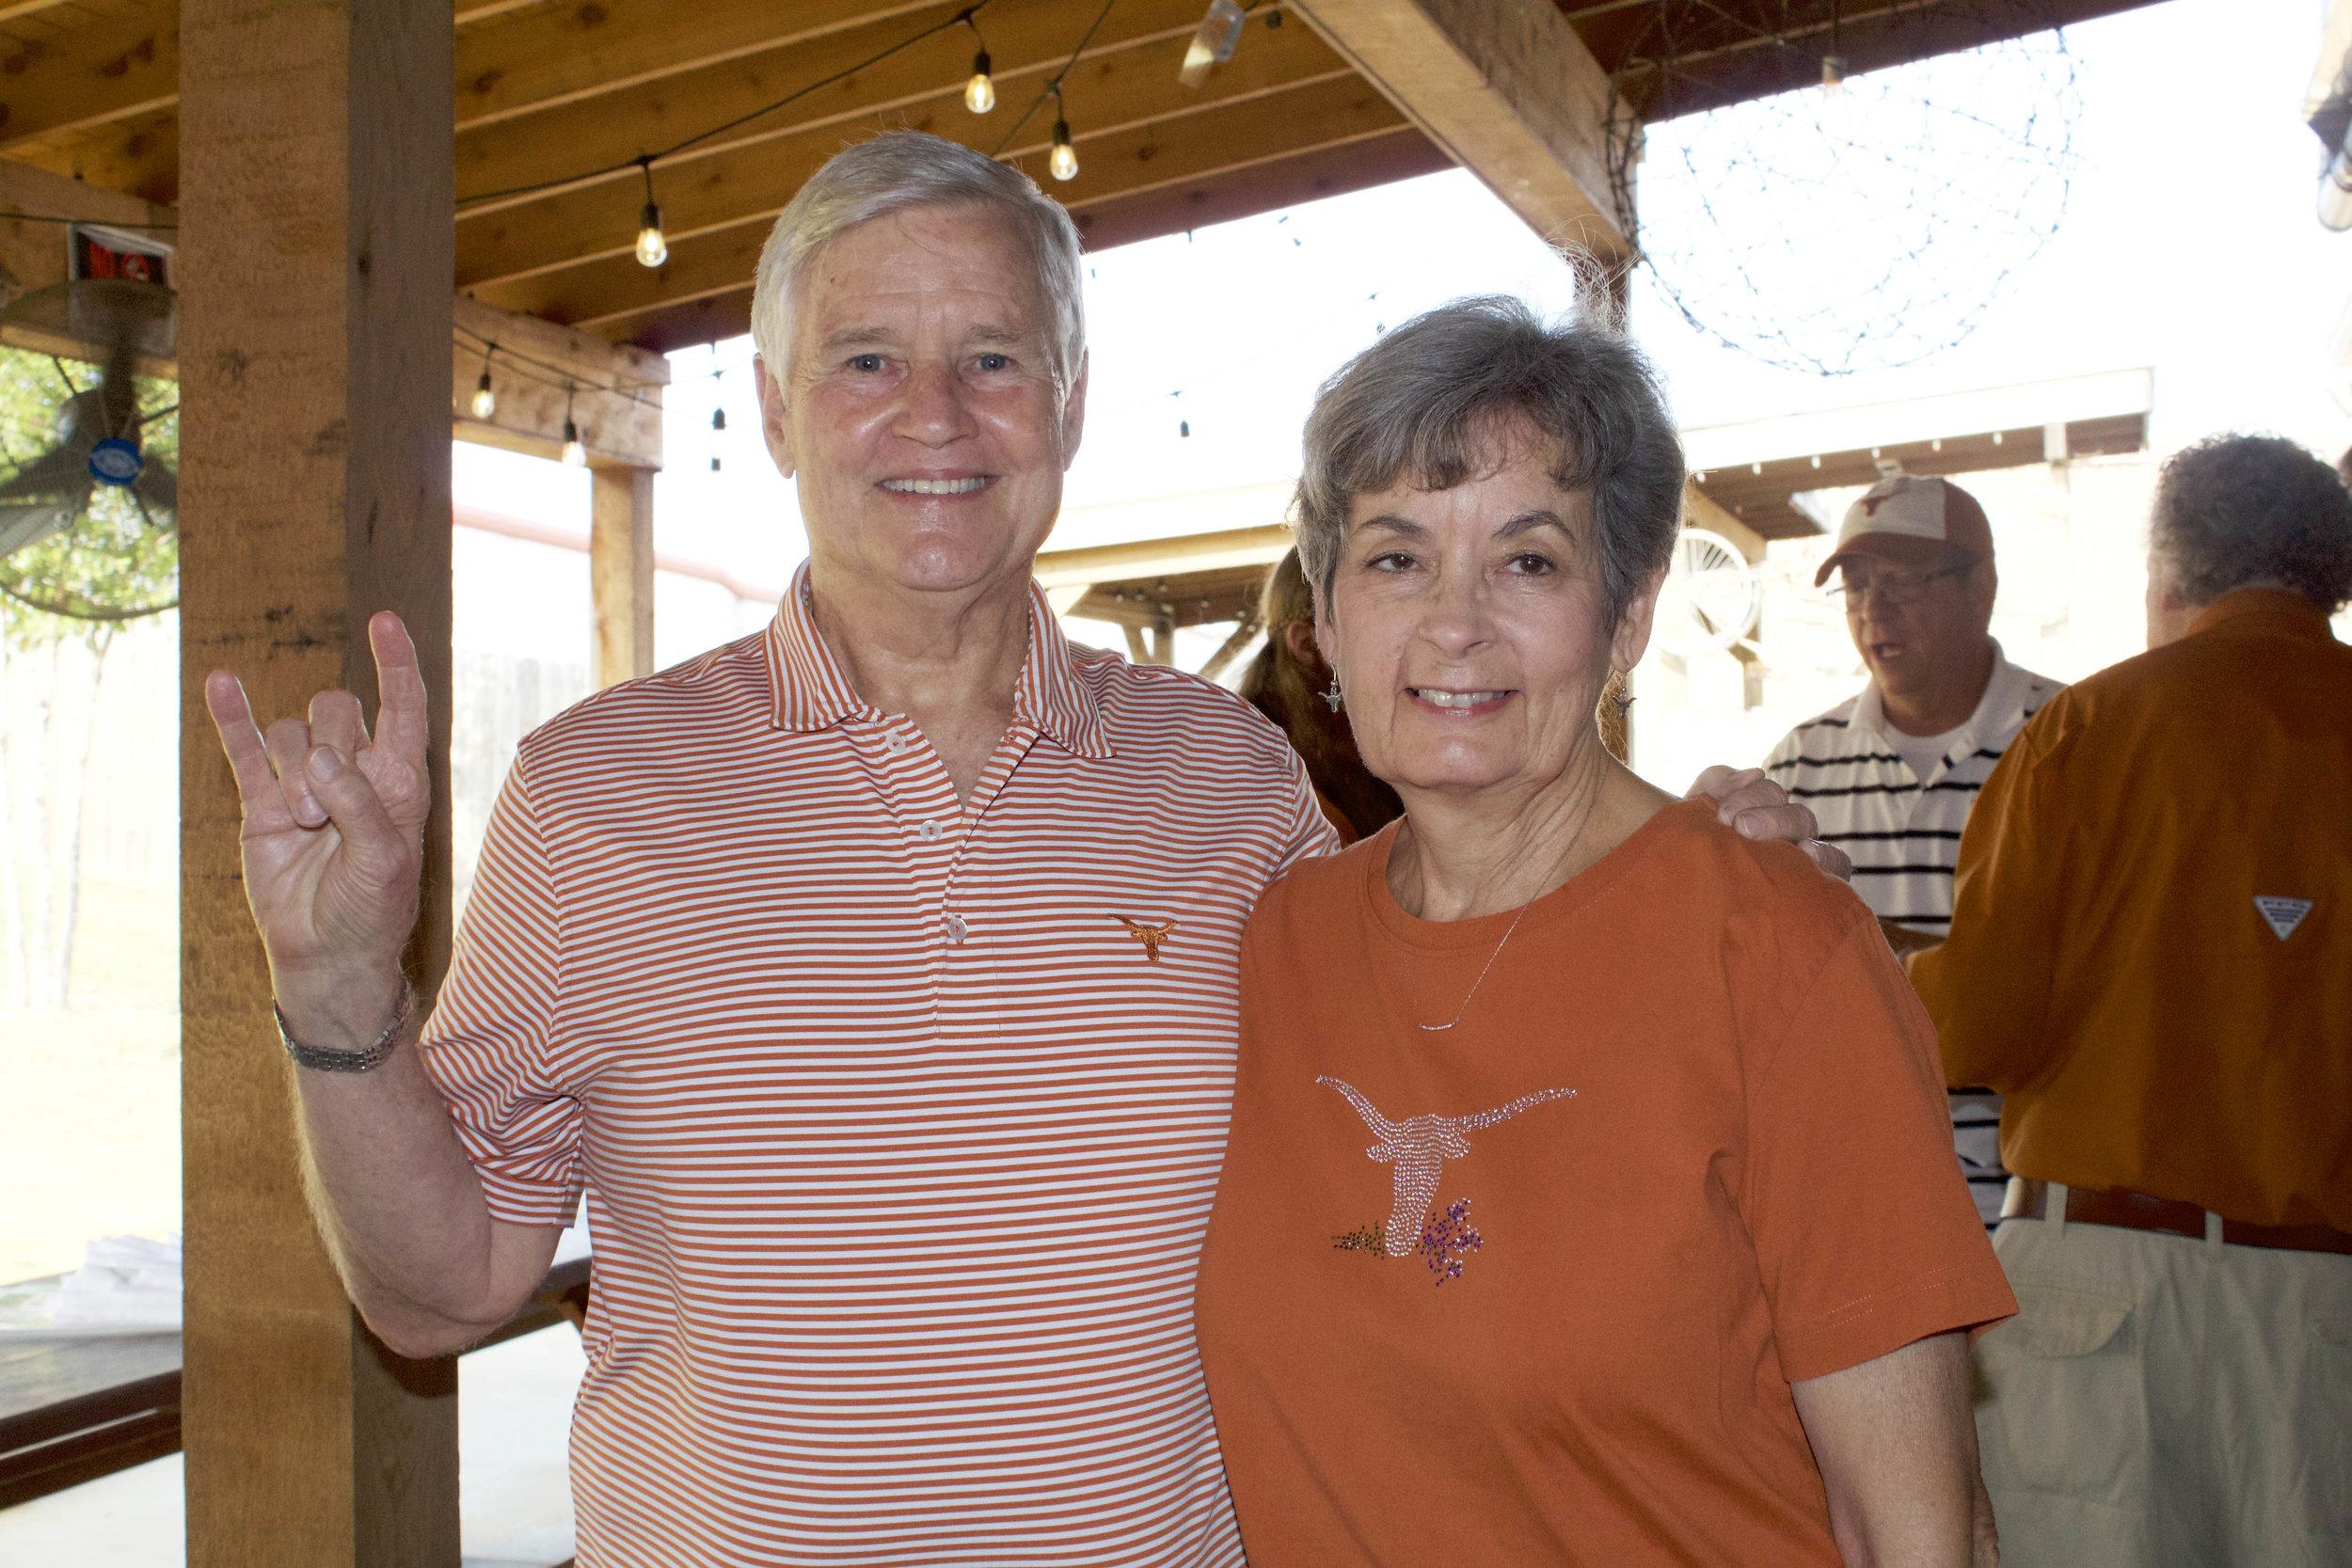 Dr. Roy and Vicki Deskin